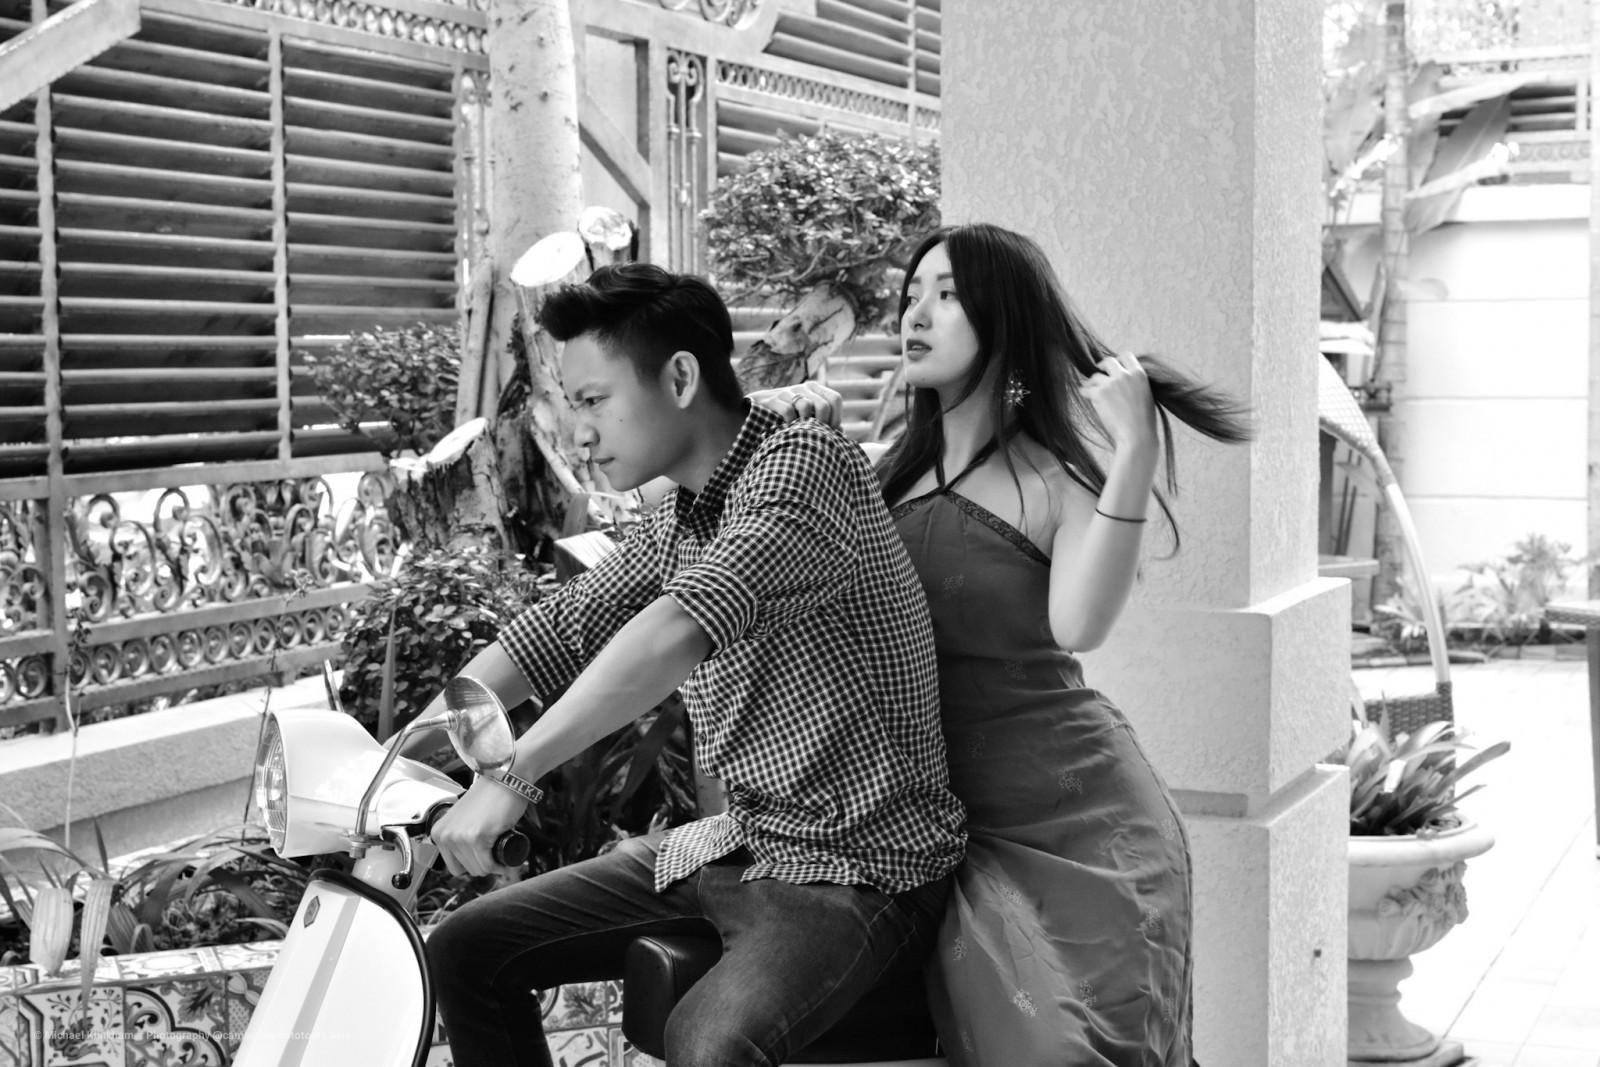 Phnom Penh hombre y mujer en moto